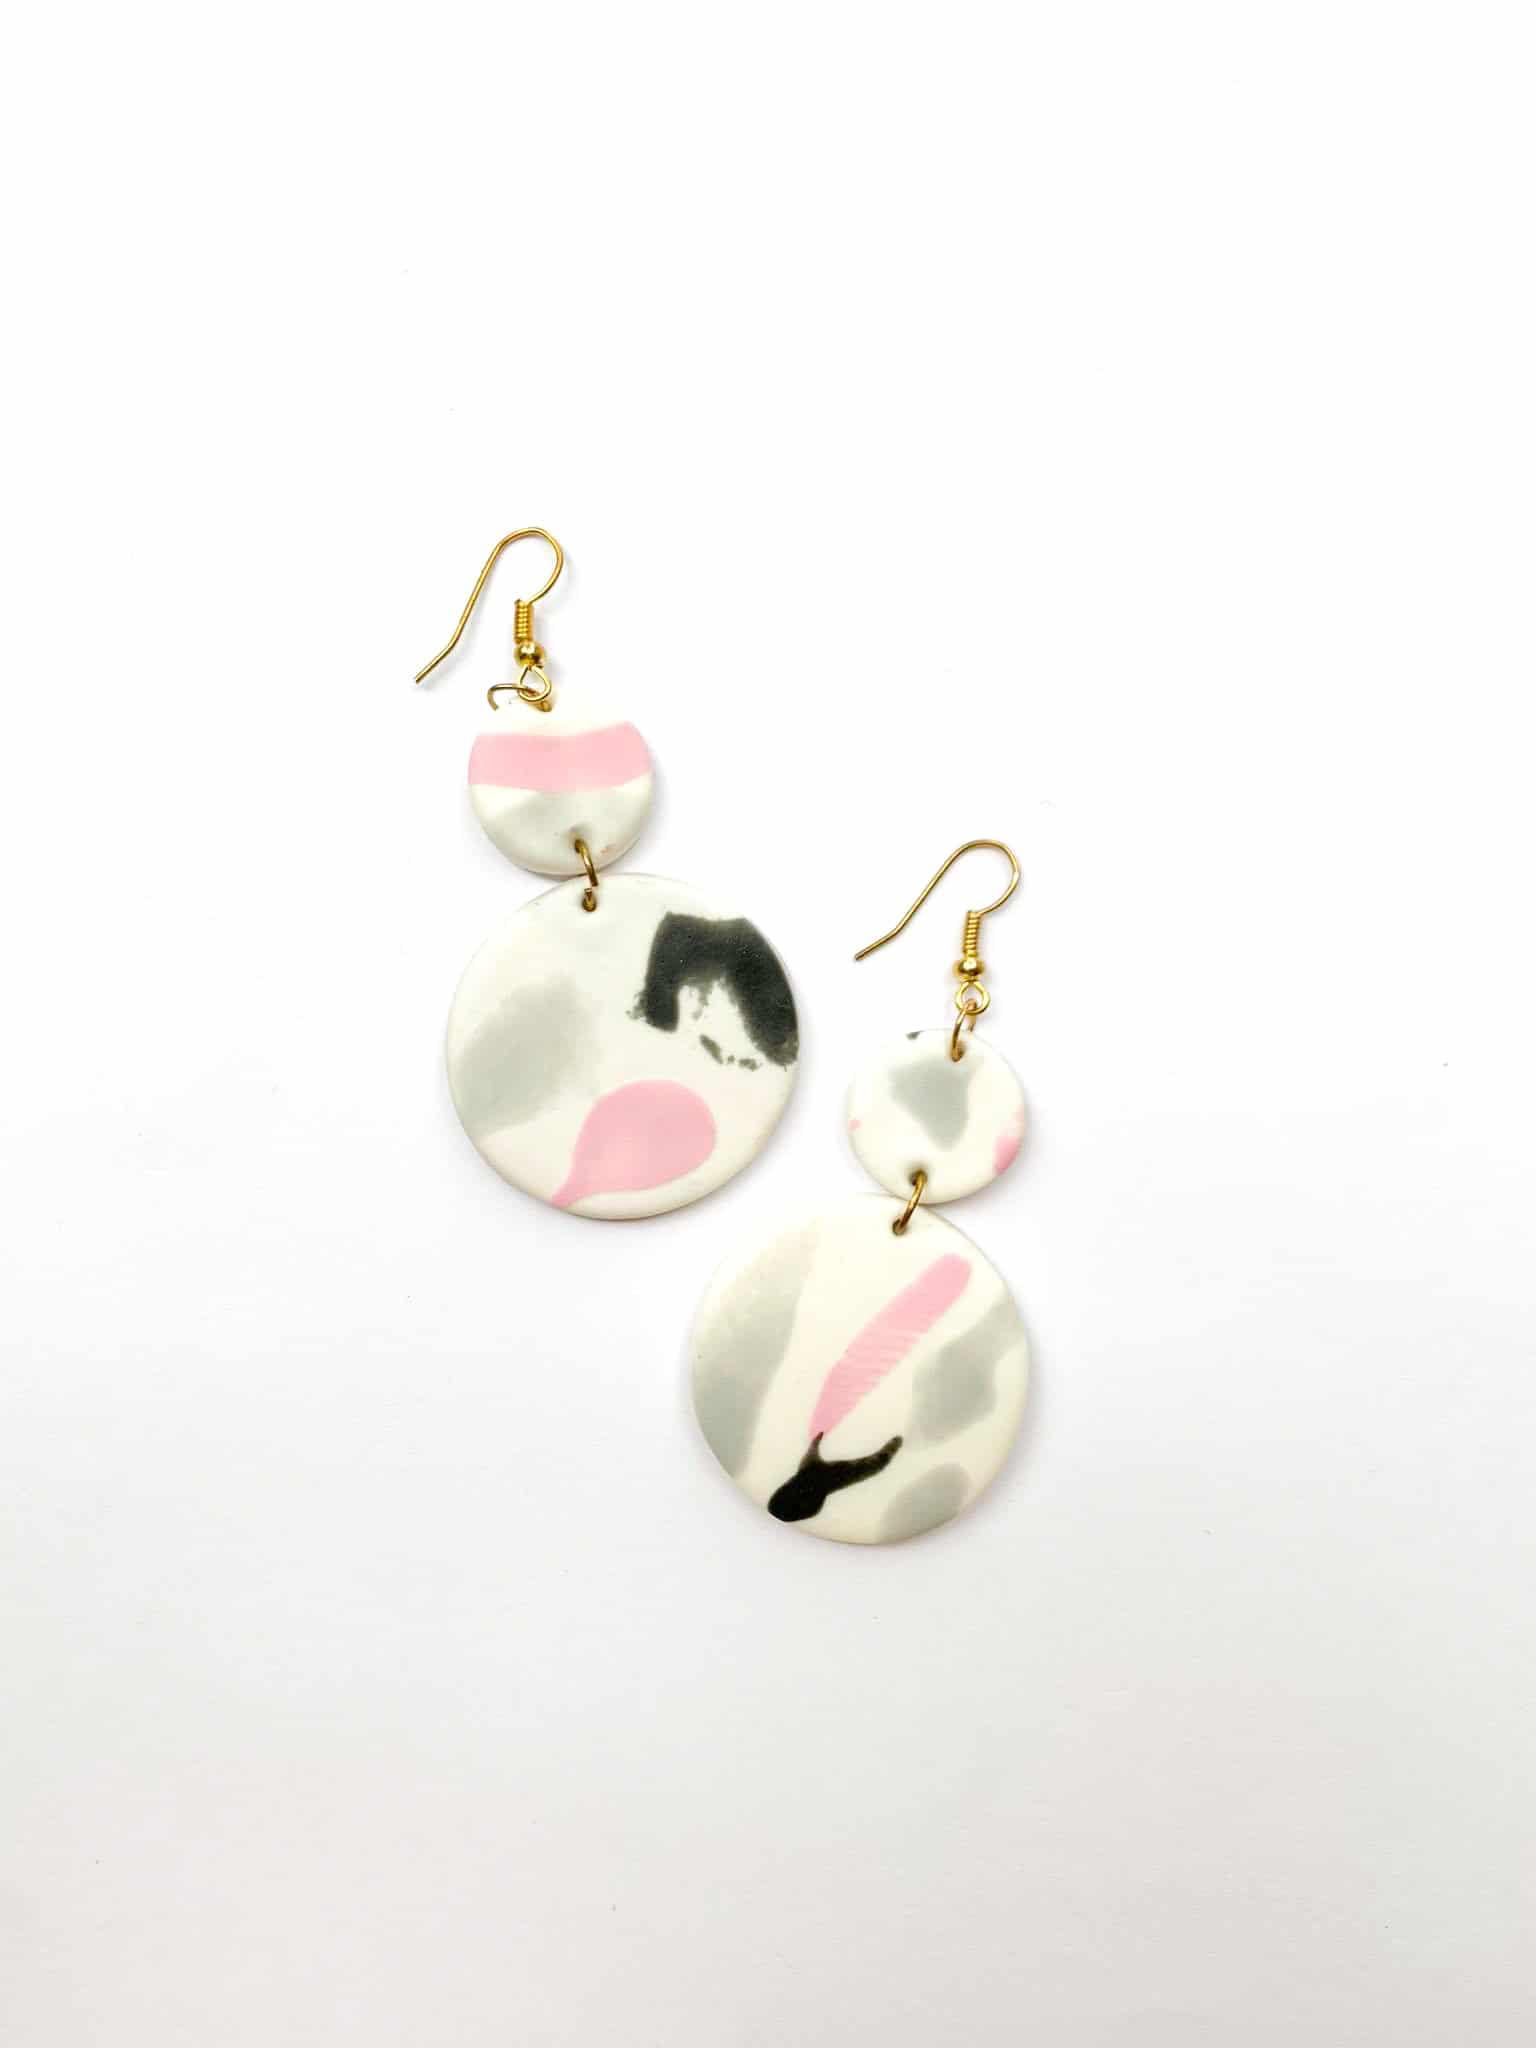 Marble Clay Earrings by Mereketé   Inspire Me Latin America